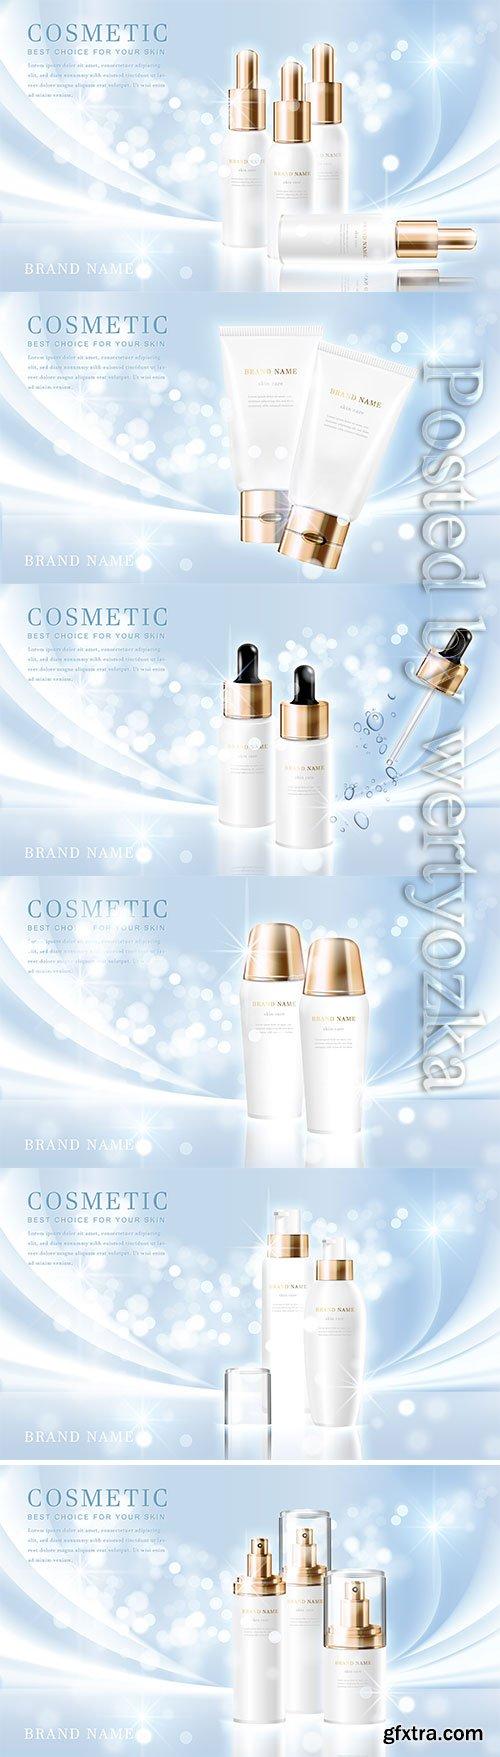 3d elegant cosmetic tube bottle